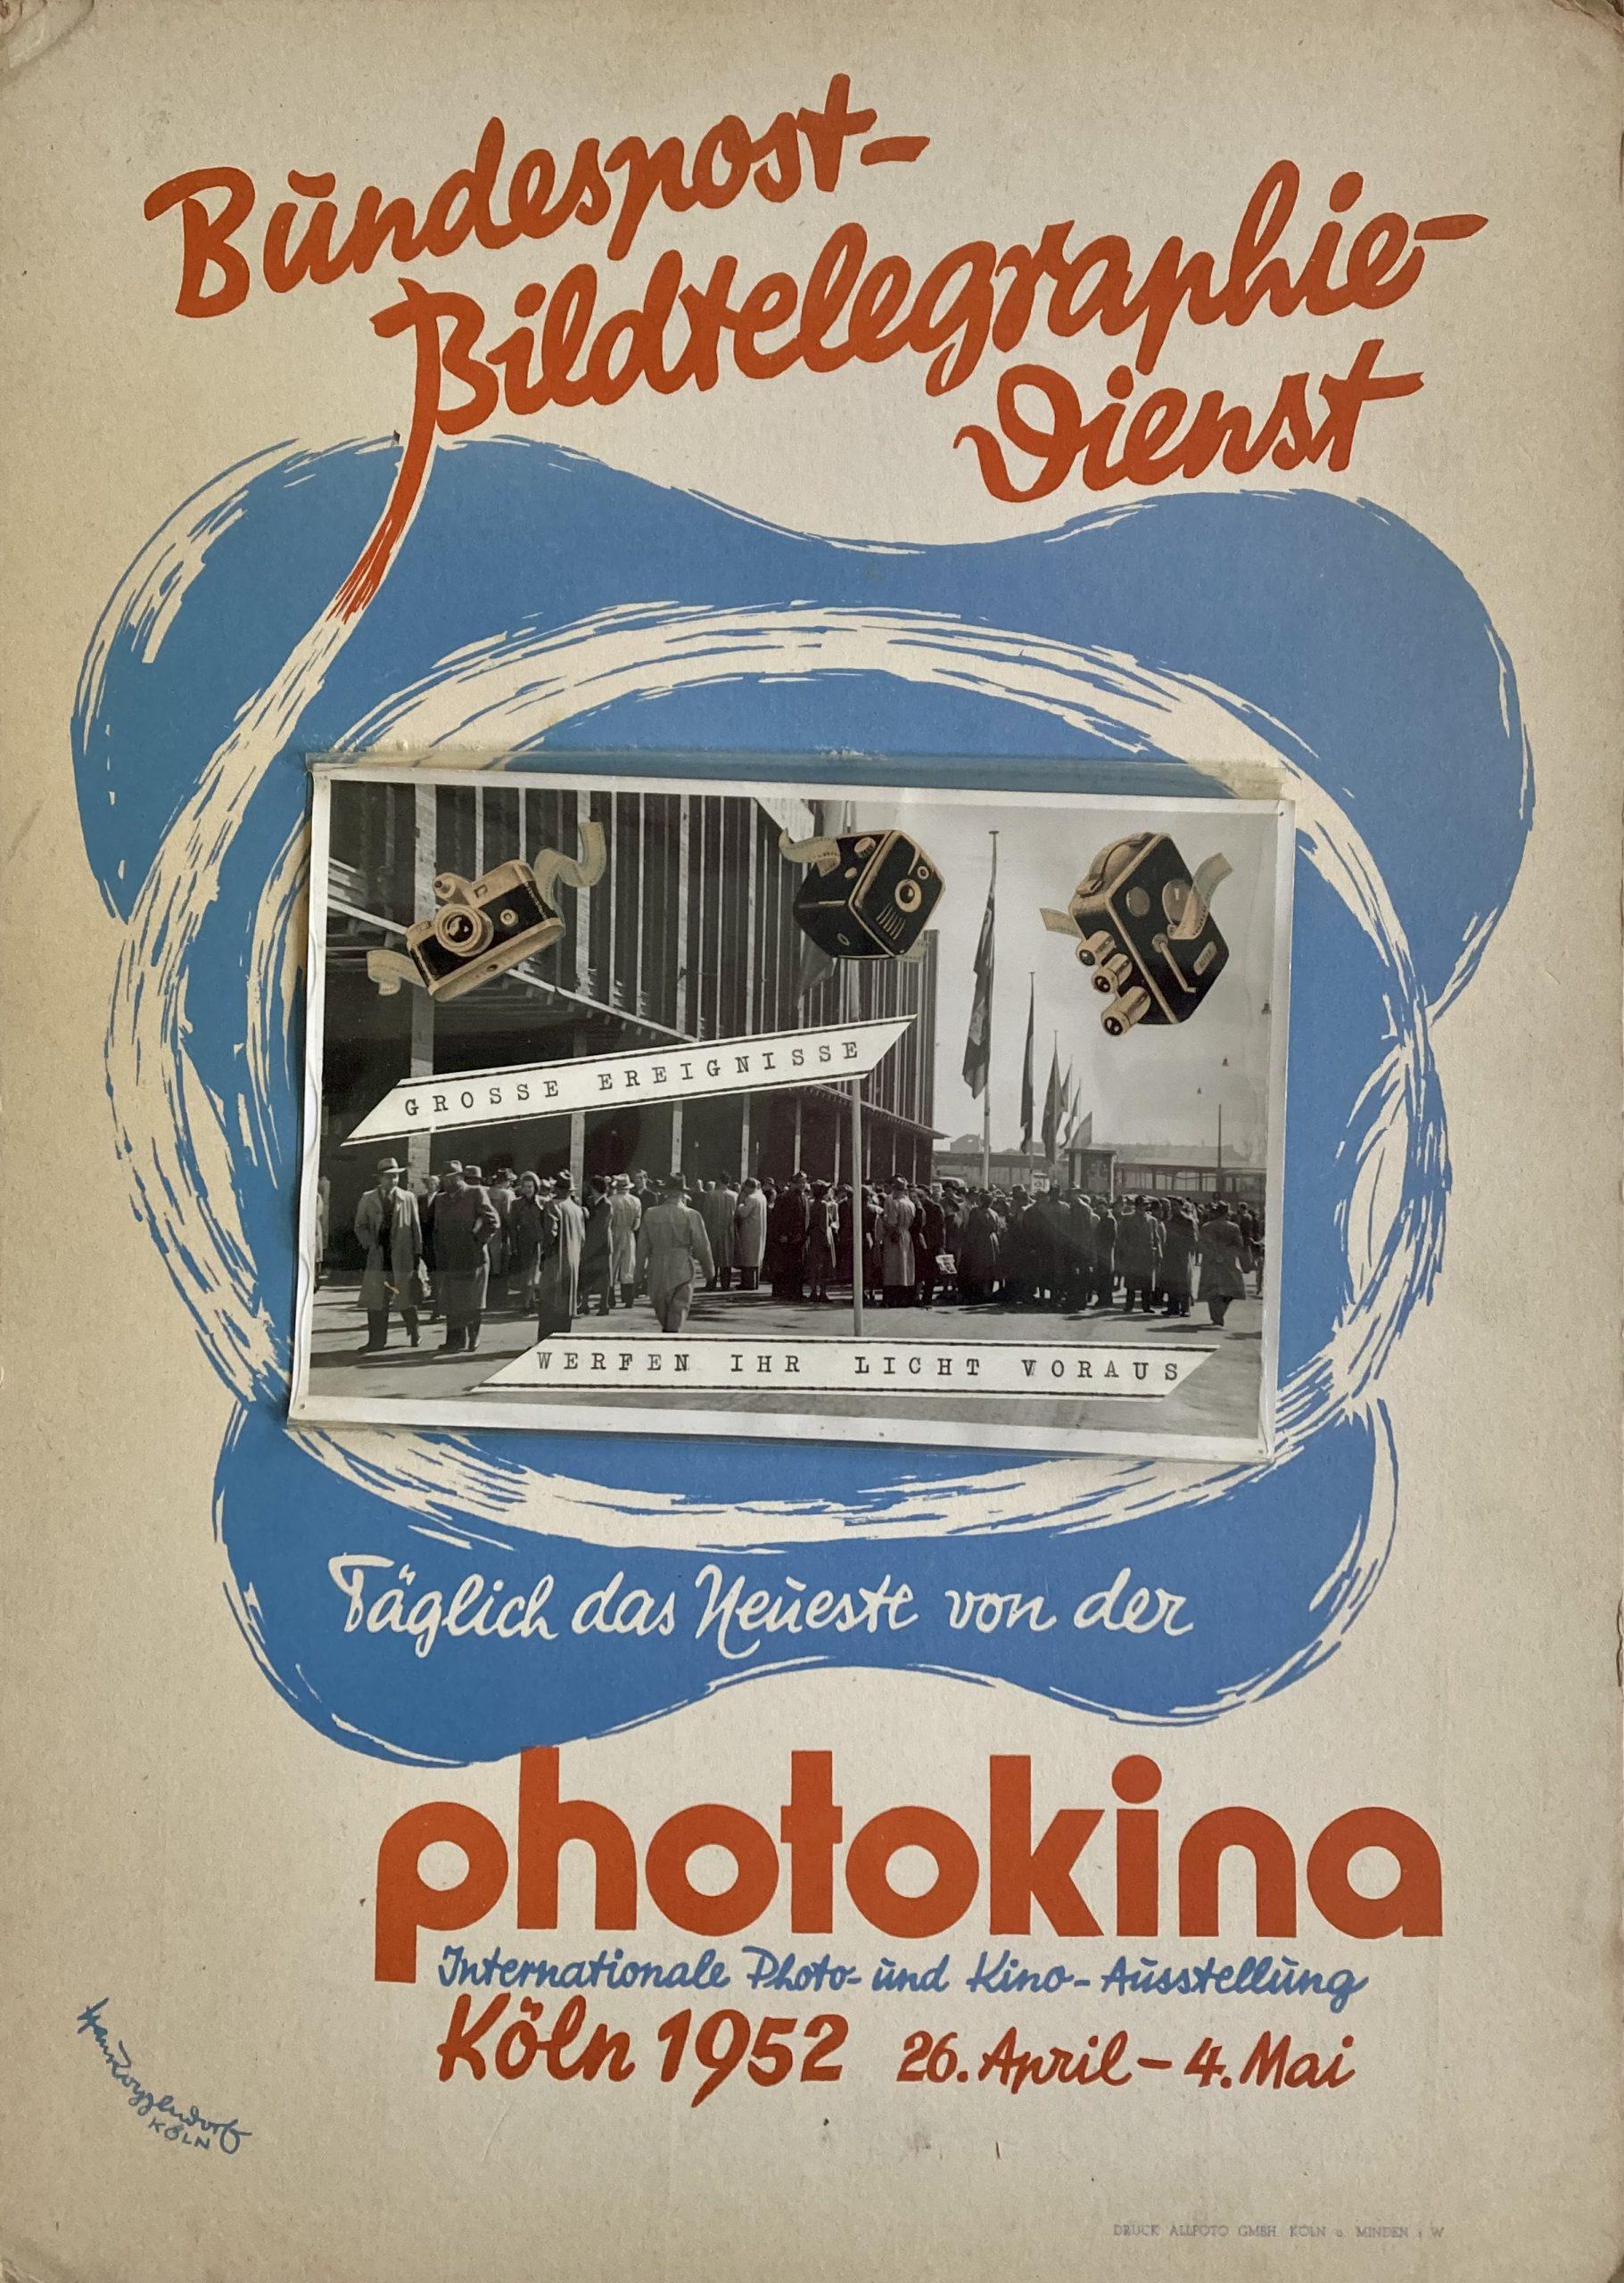 card sign photokina 1952